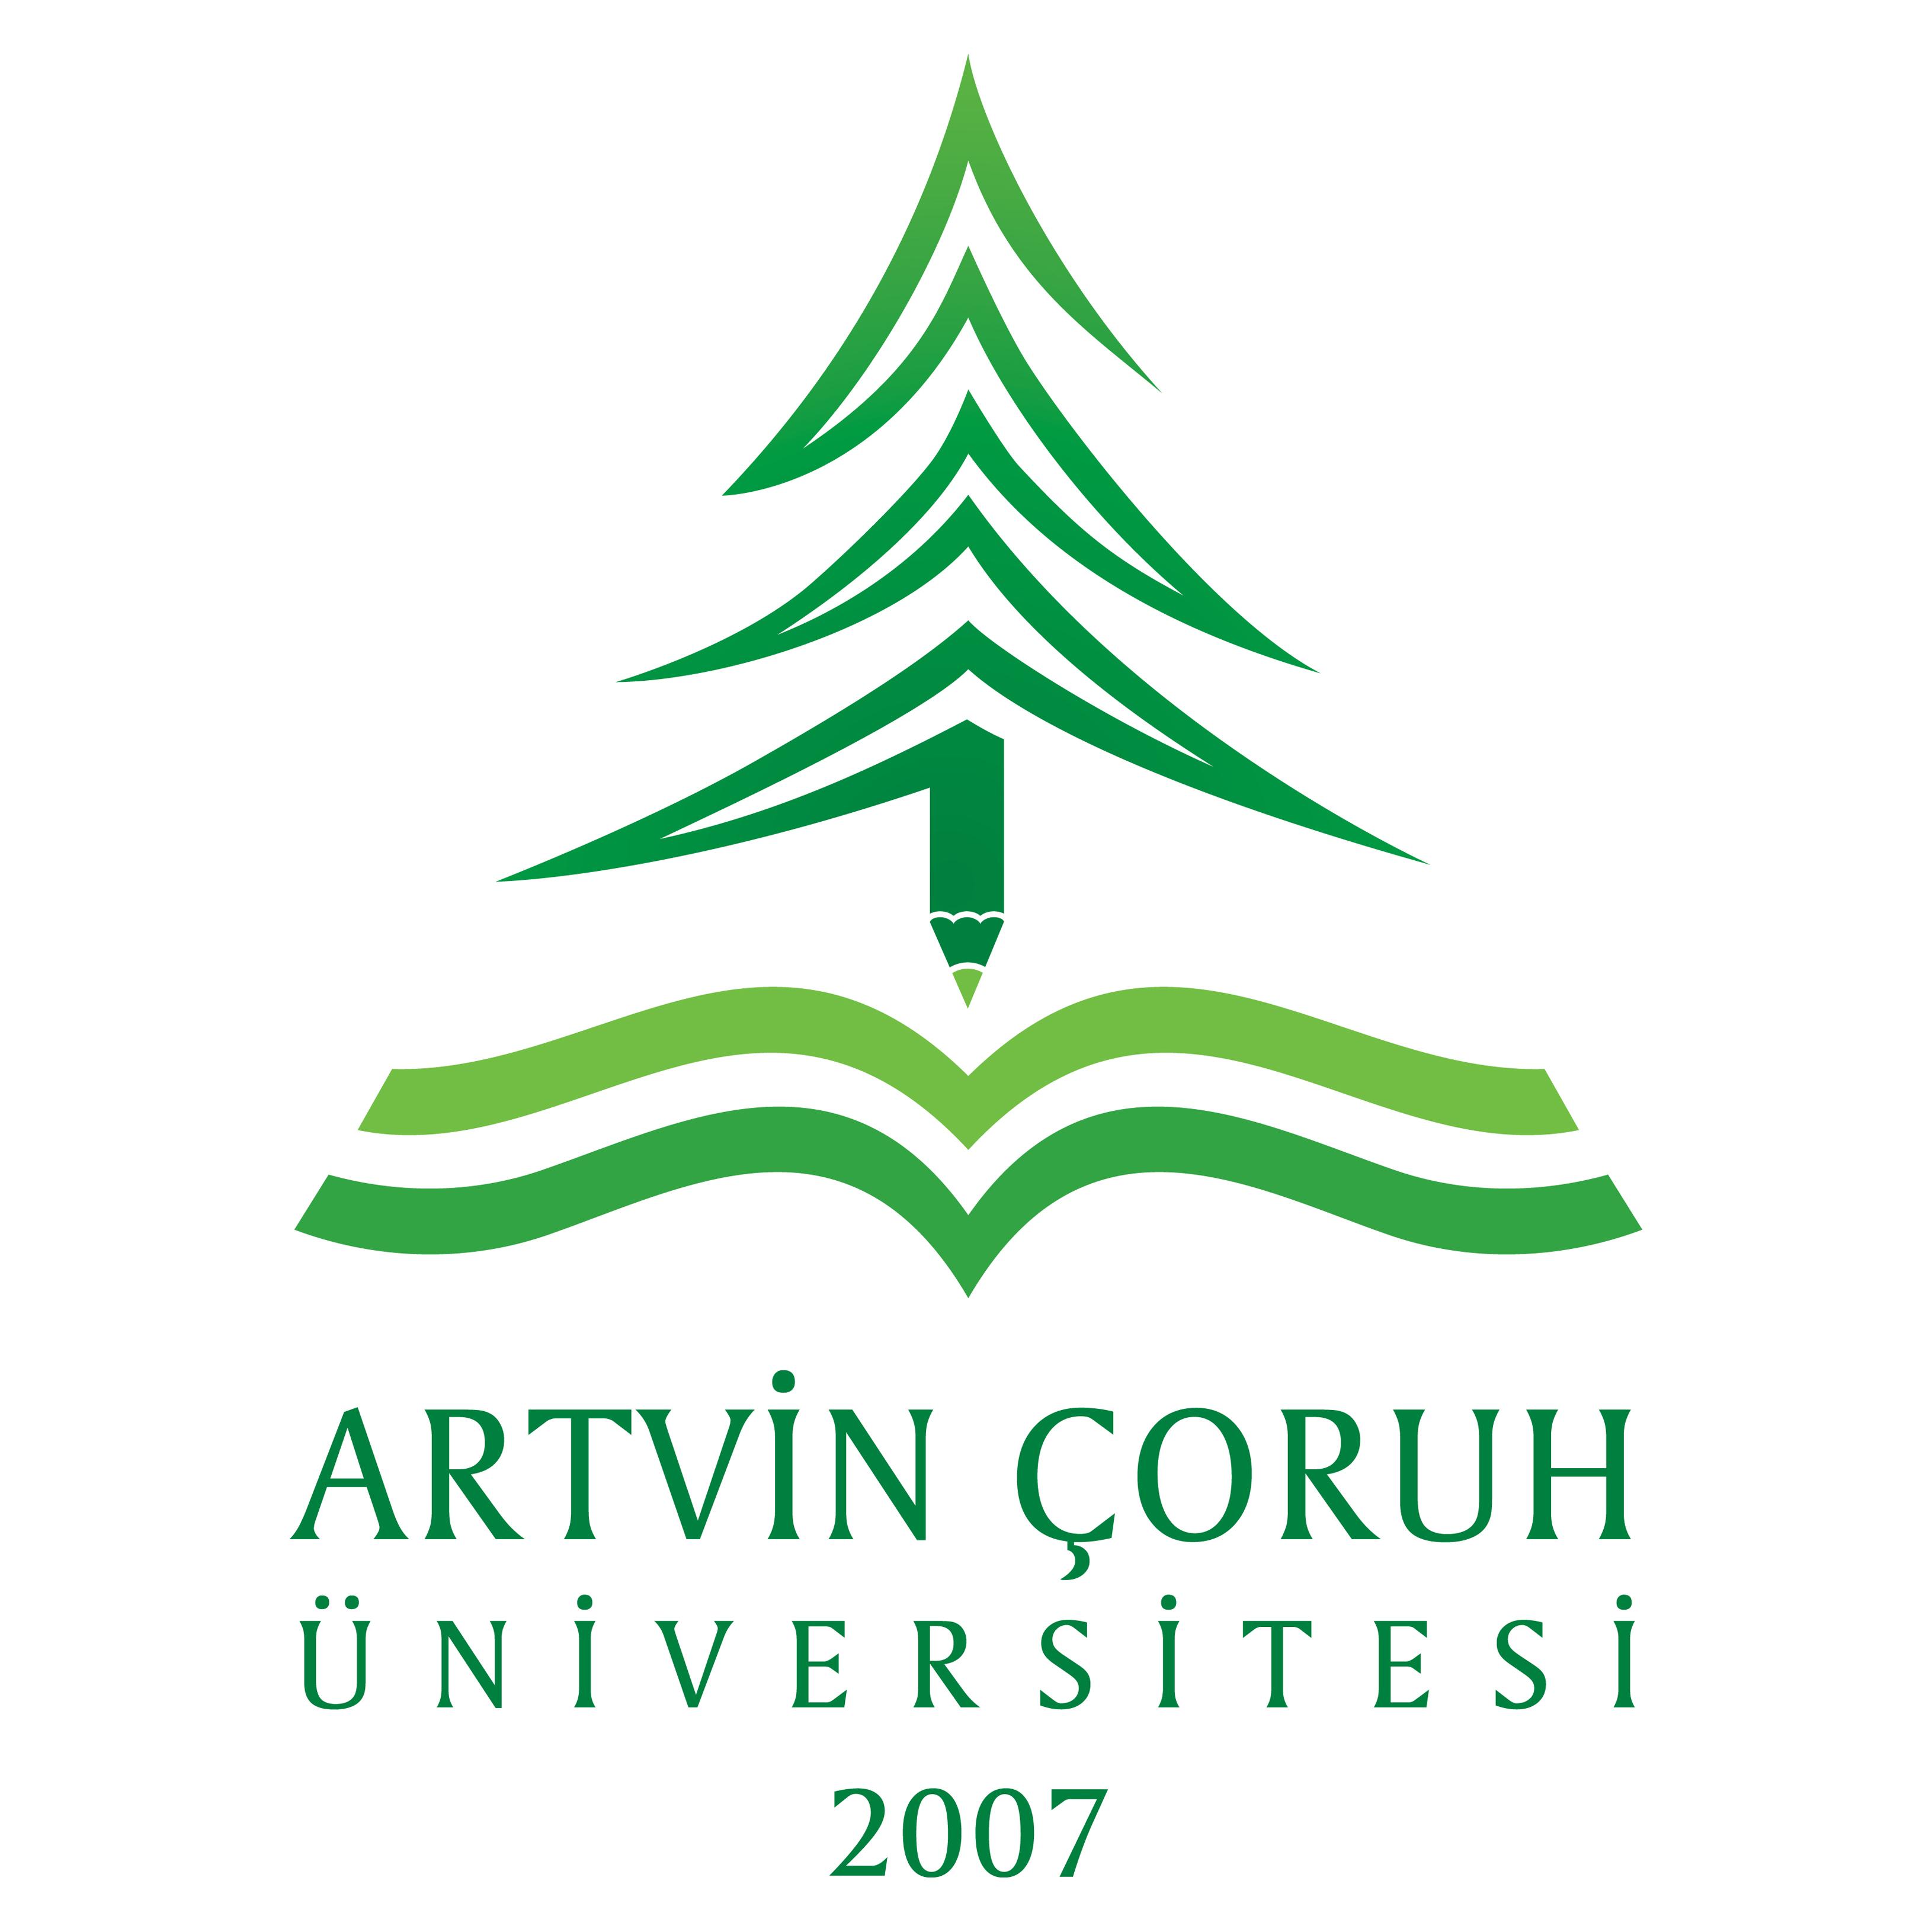 TUAS | ARTVIN CORUH UNIVERSITY